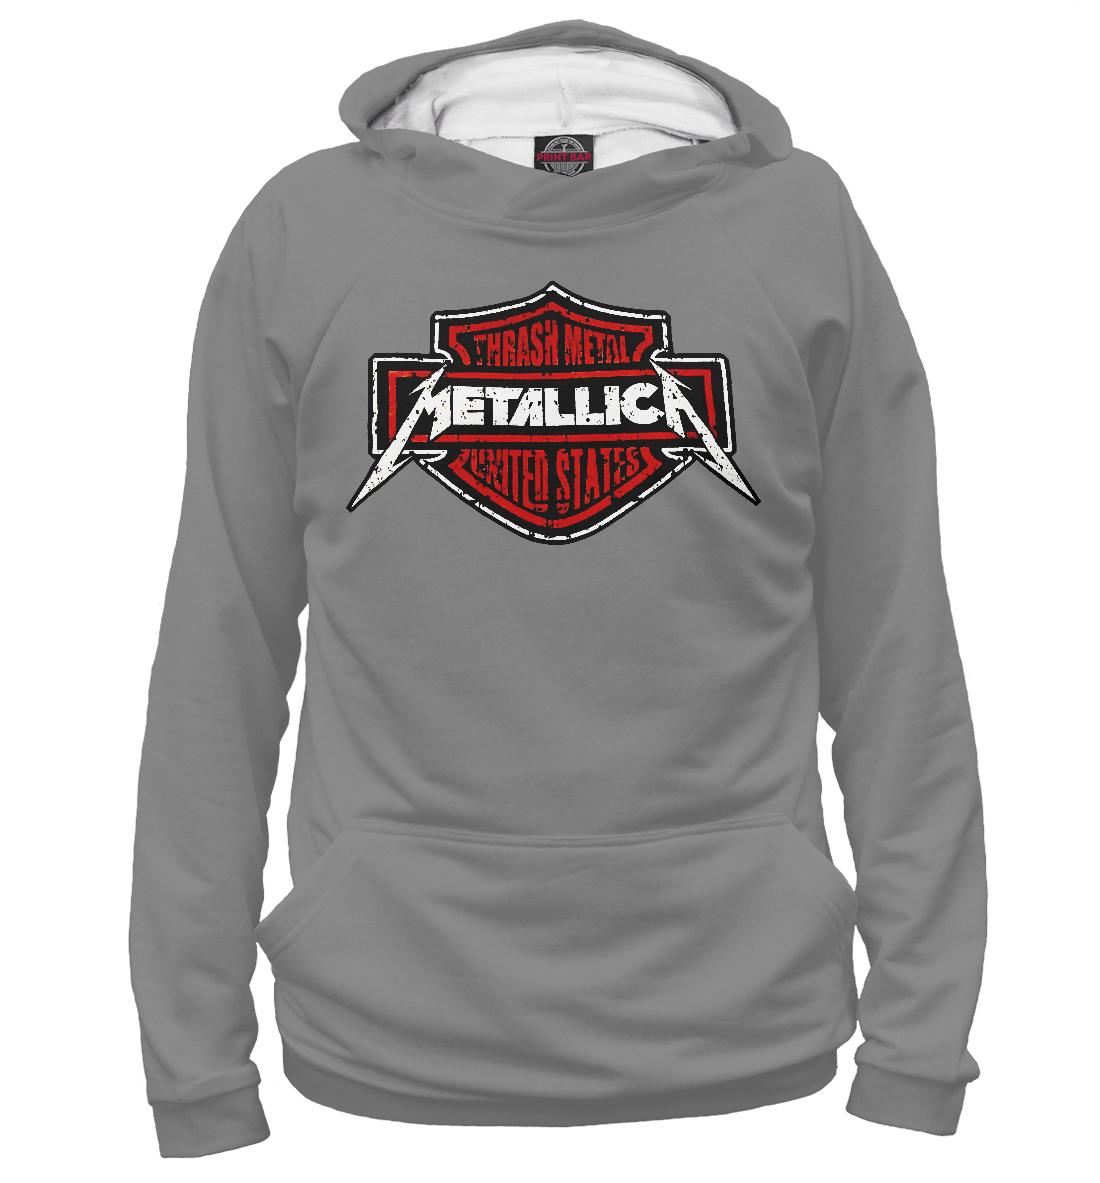 Купить Metallica thrash metal band, Printbar, Худи, MET-357884-hud-2